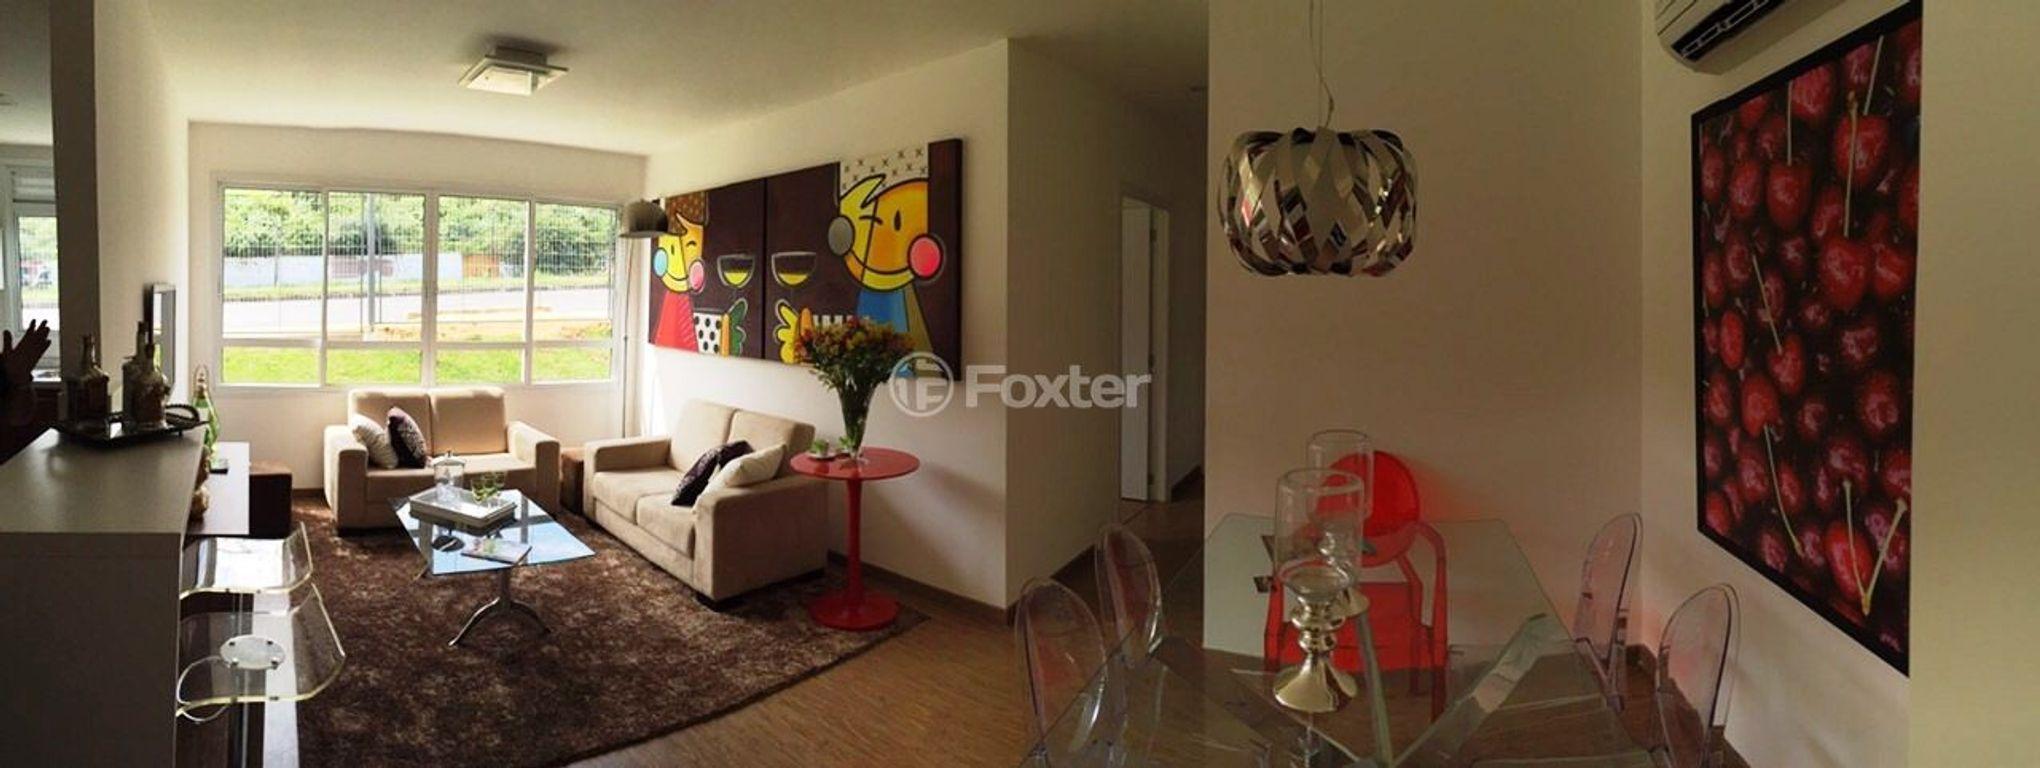 Foxter Imobiliária - Apto 2 Dorm, Cavalhada - Foto 11